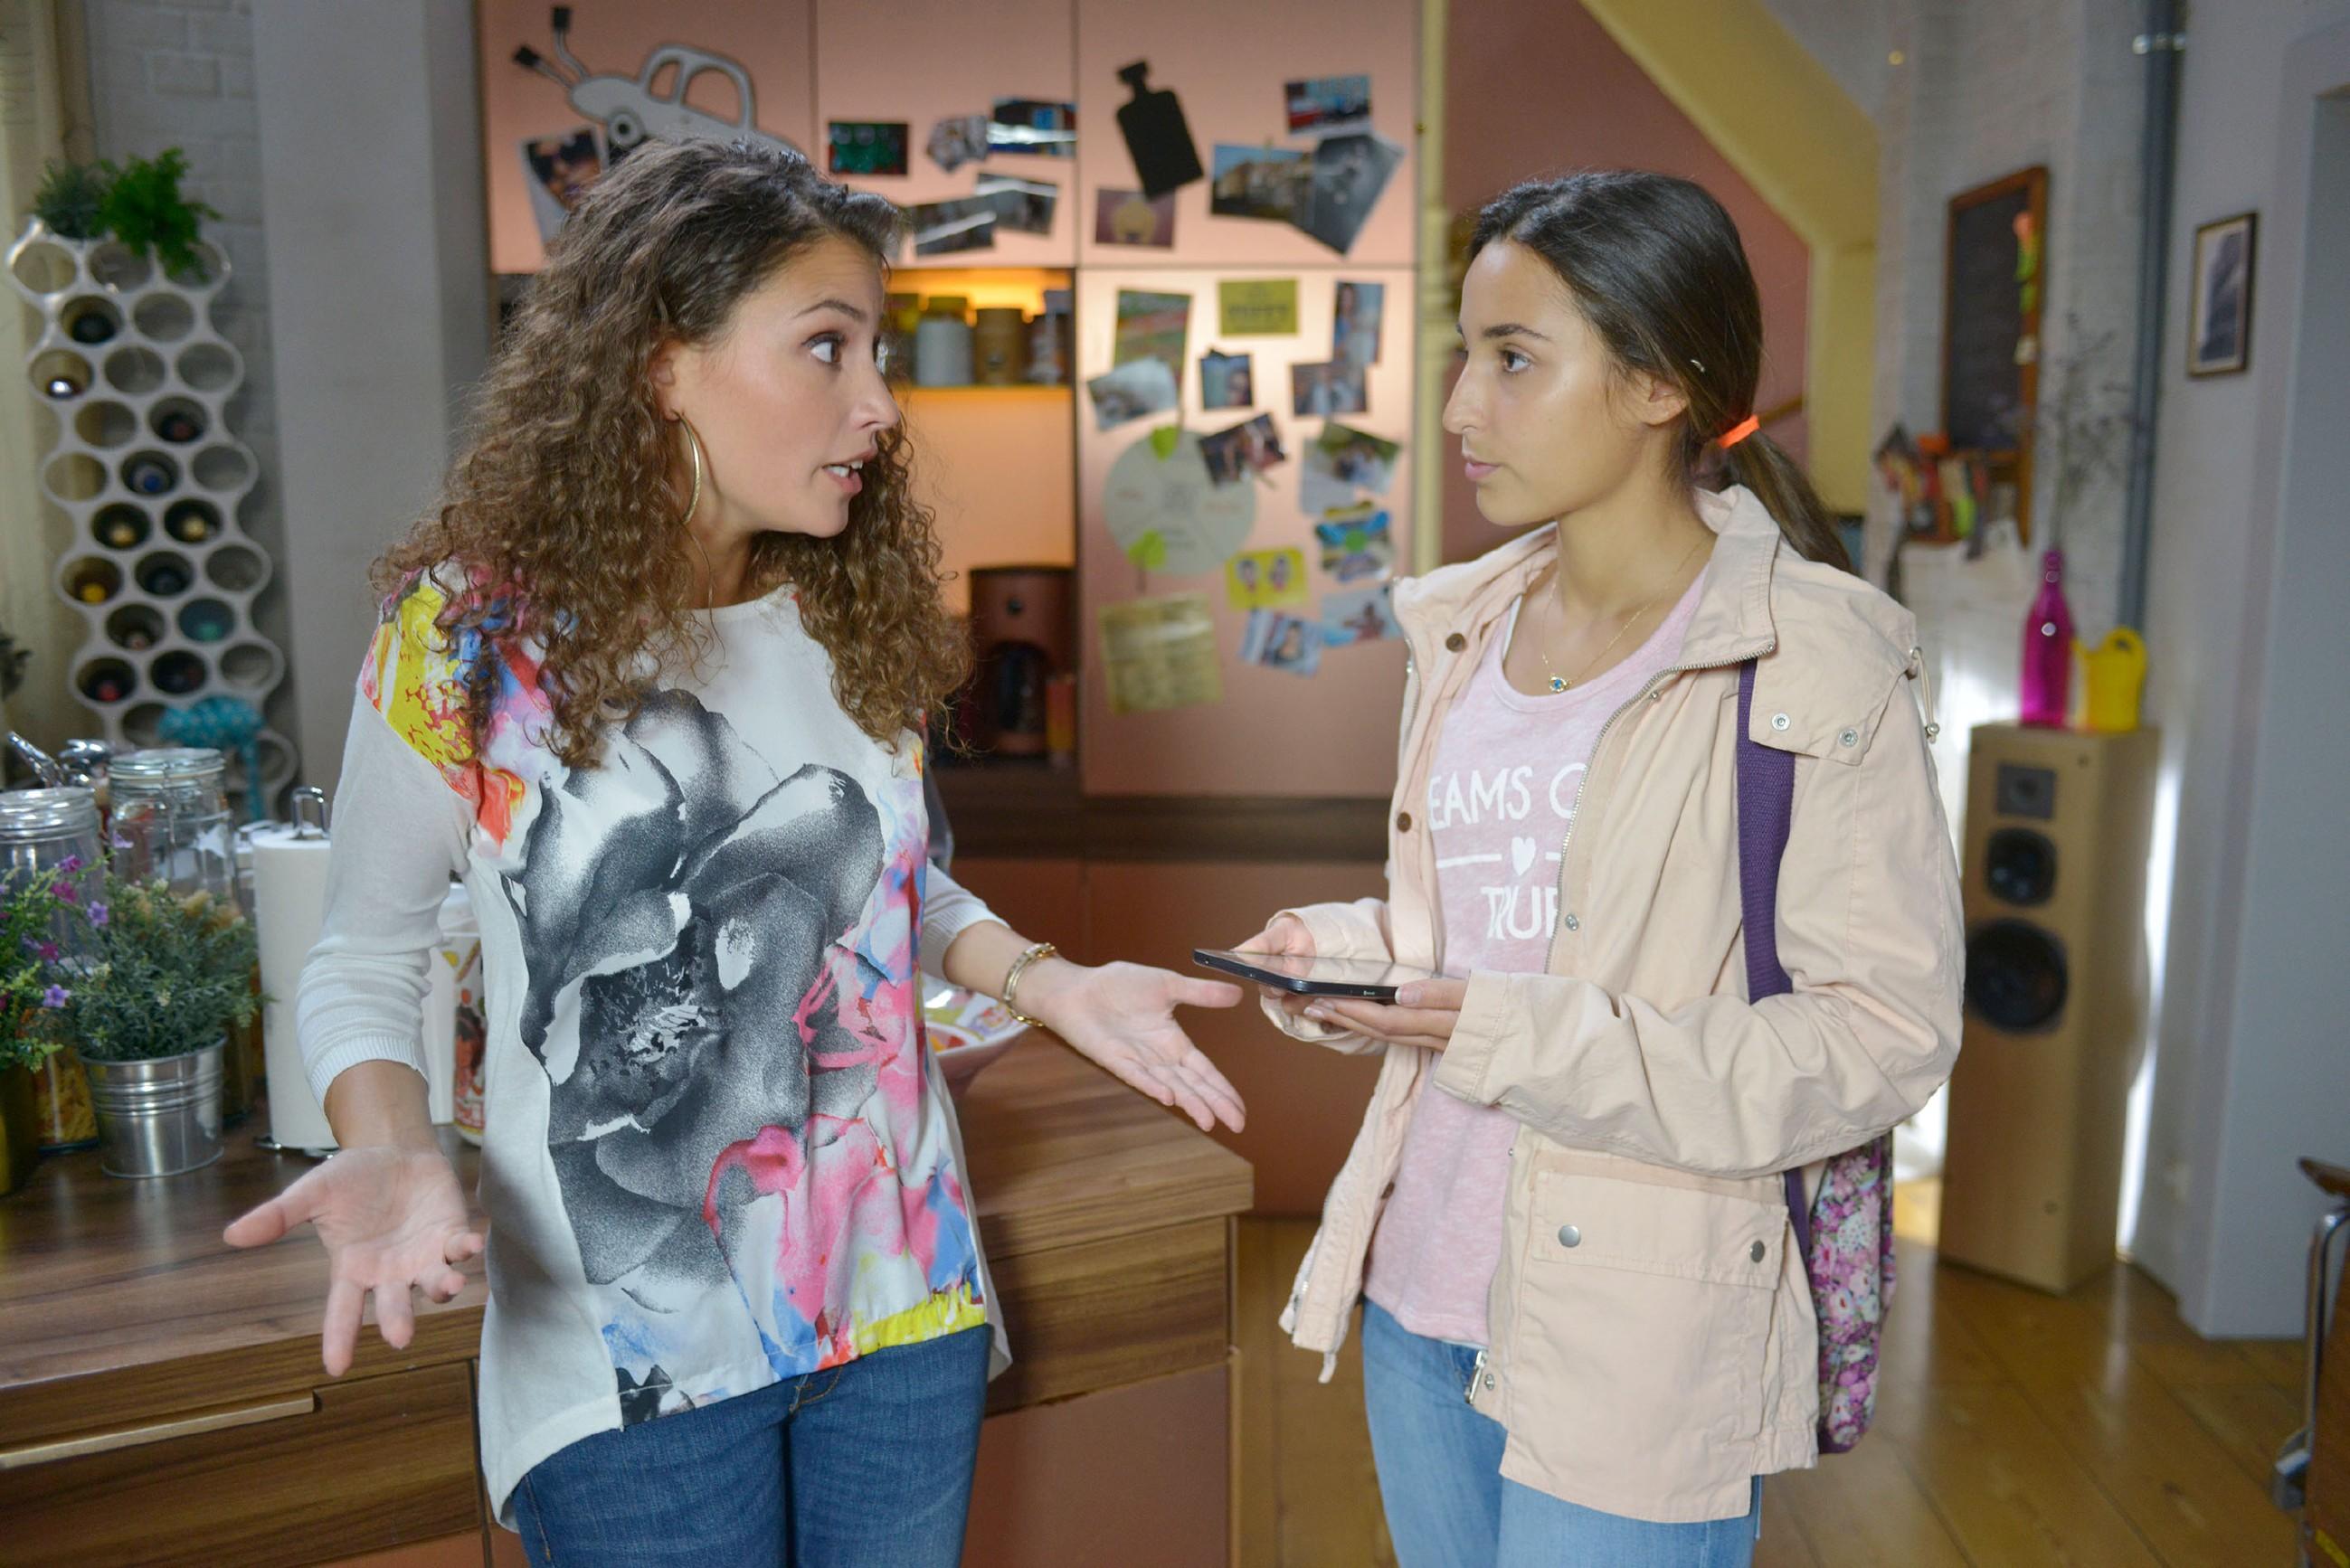 Ayla (Nadine Menz, l.) ist sich nicht sicher, ob sie wirklich die Verantwortung für ihre minderjährige Cousine Selma (Rona Özkan) übernehmen will.